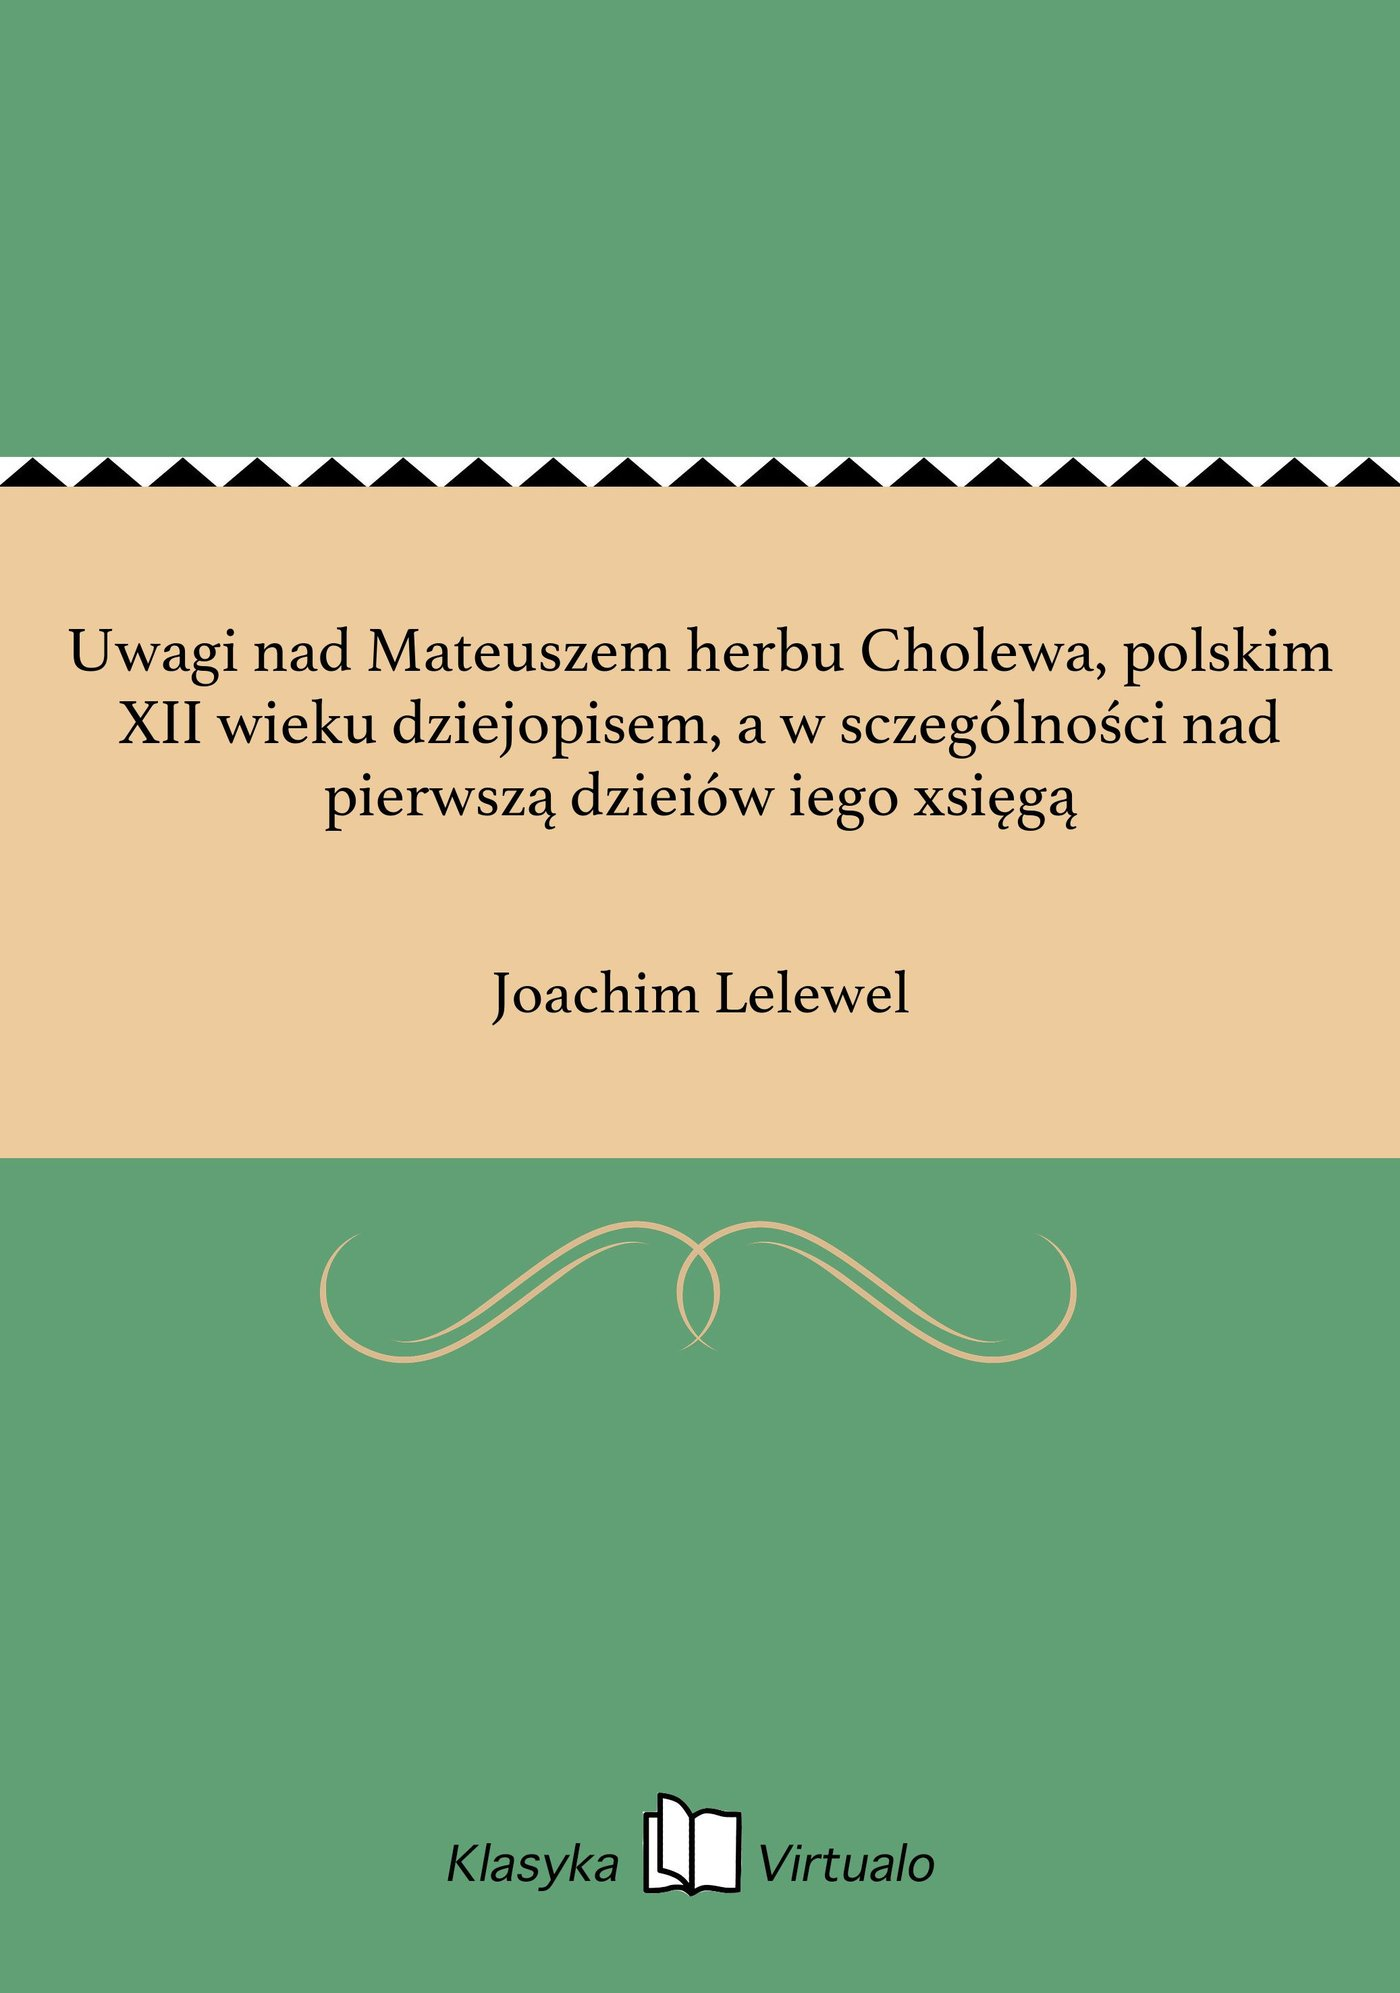 Uwagi nad Mateuszem herbu Cholewa, polskim XII wieku dziejopisem, a w sczególności nad pierwszą dzieiów iego xsięgą - Ebook (Książka EPUB) do pobrania w formacie EPUB